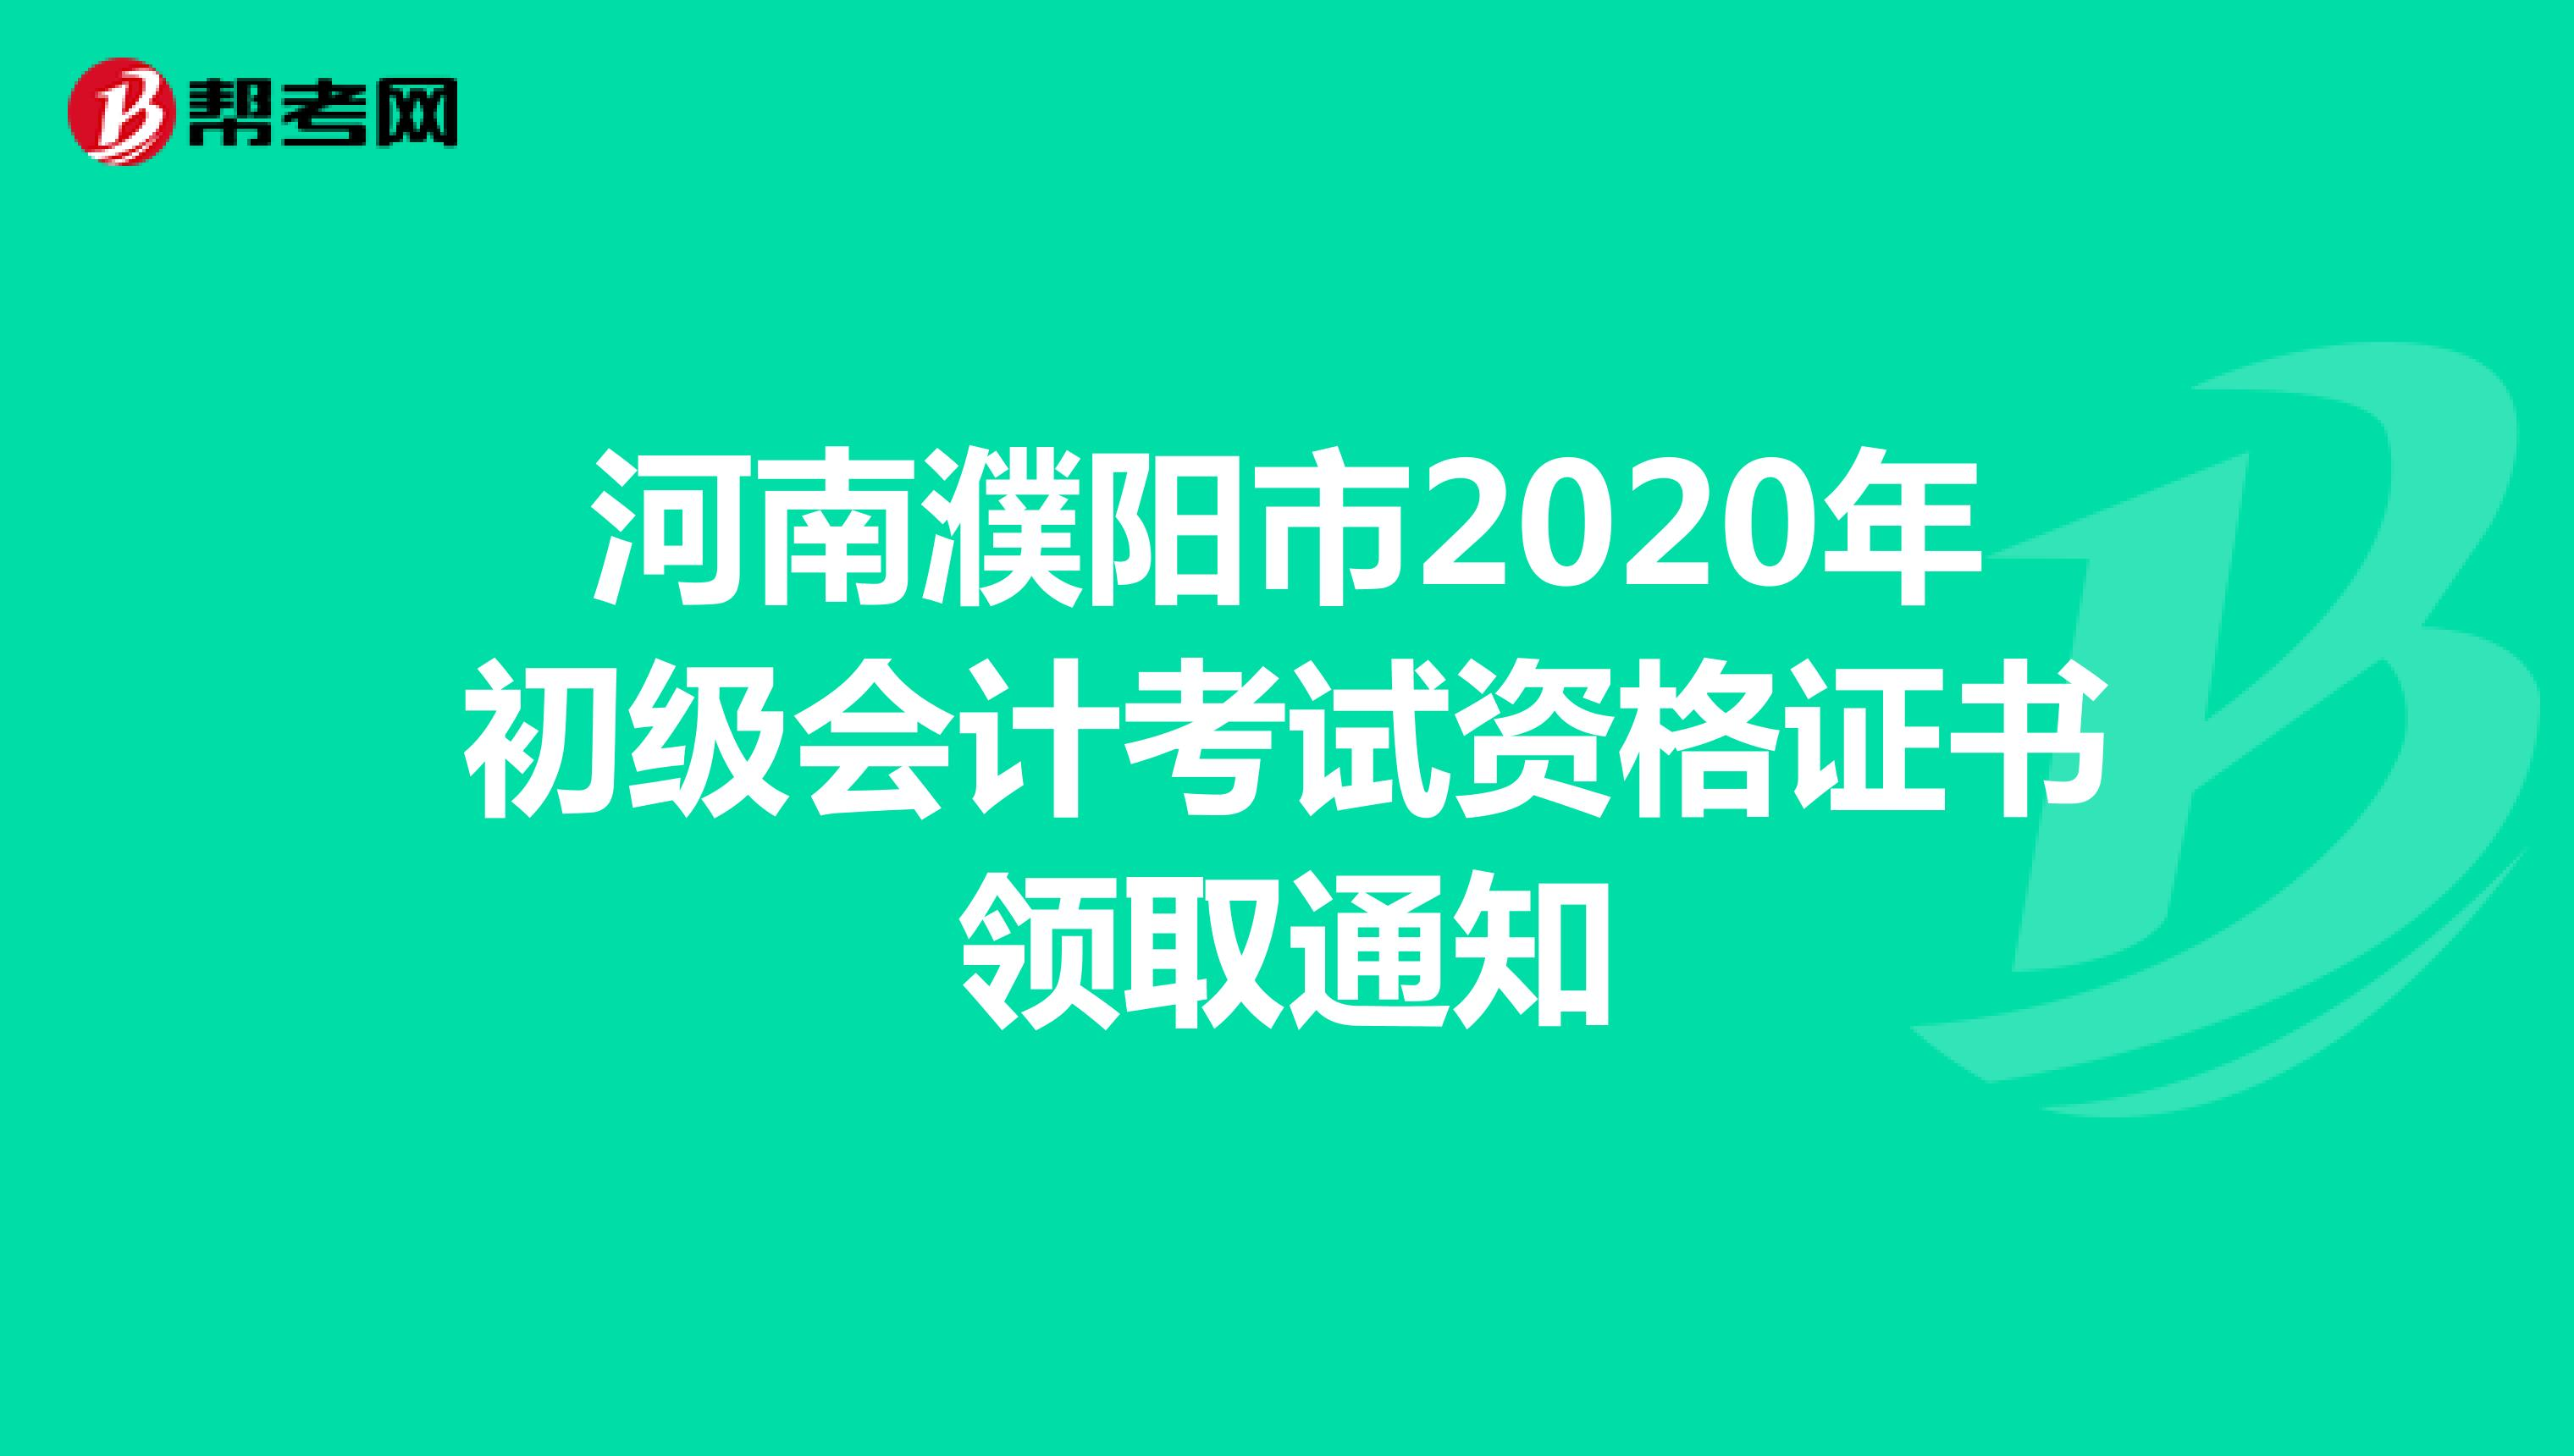 河南濮阳市2020年初级会计考试领证时间:1月28日起